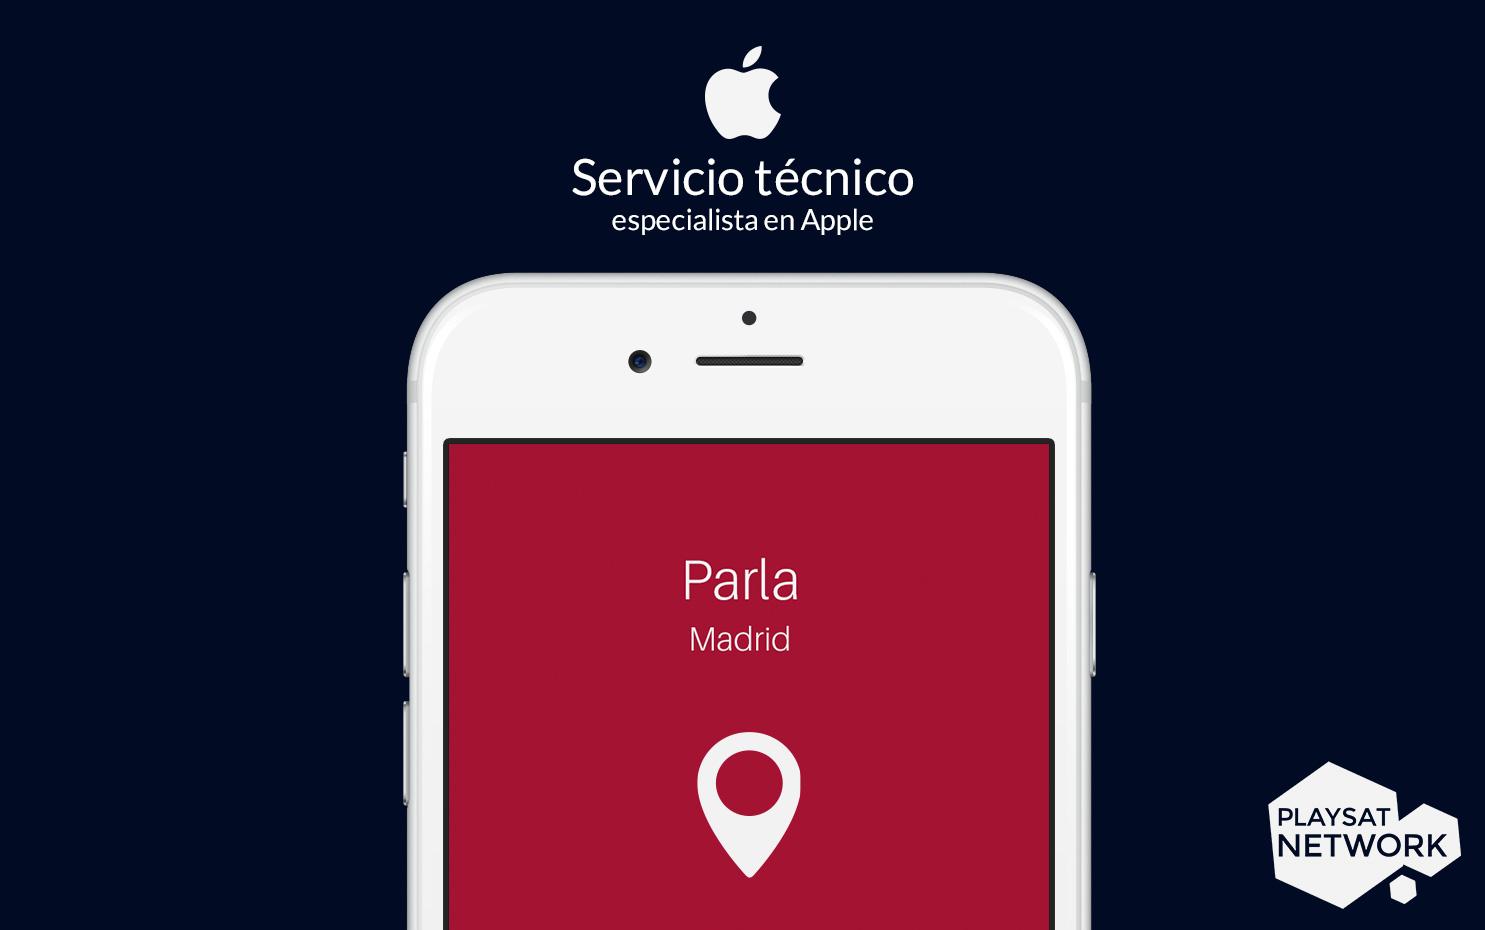 Servicio técnico Apple en Parla